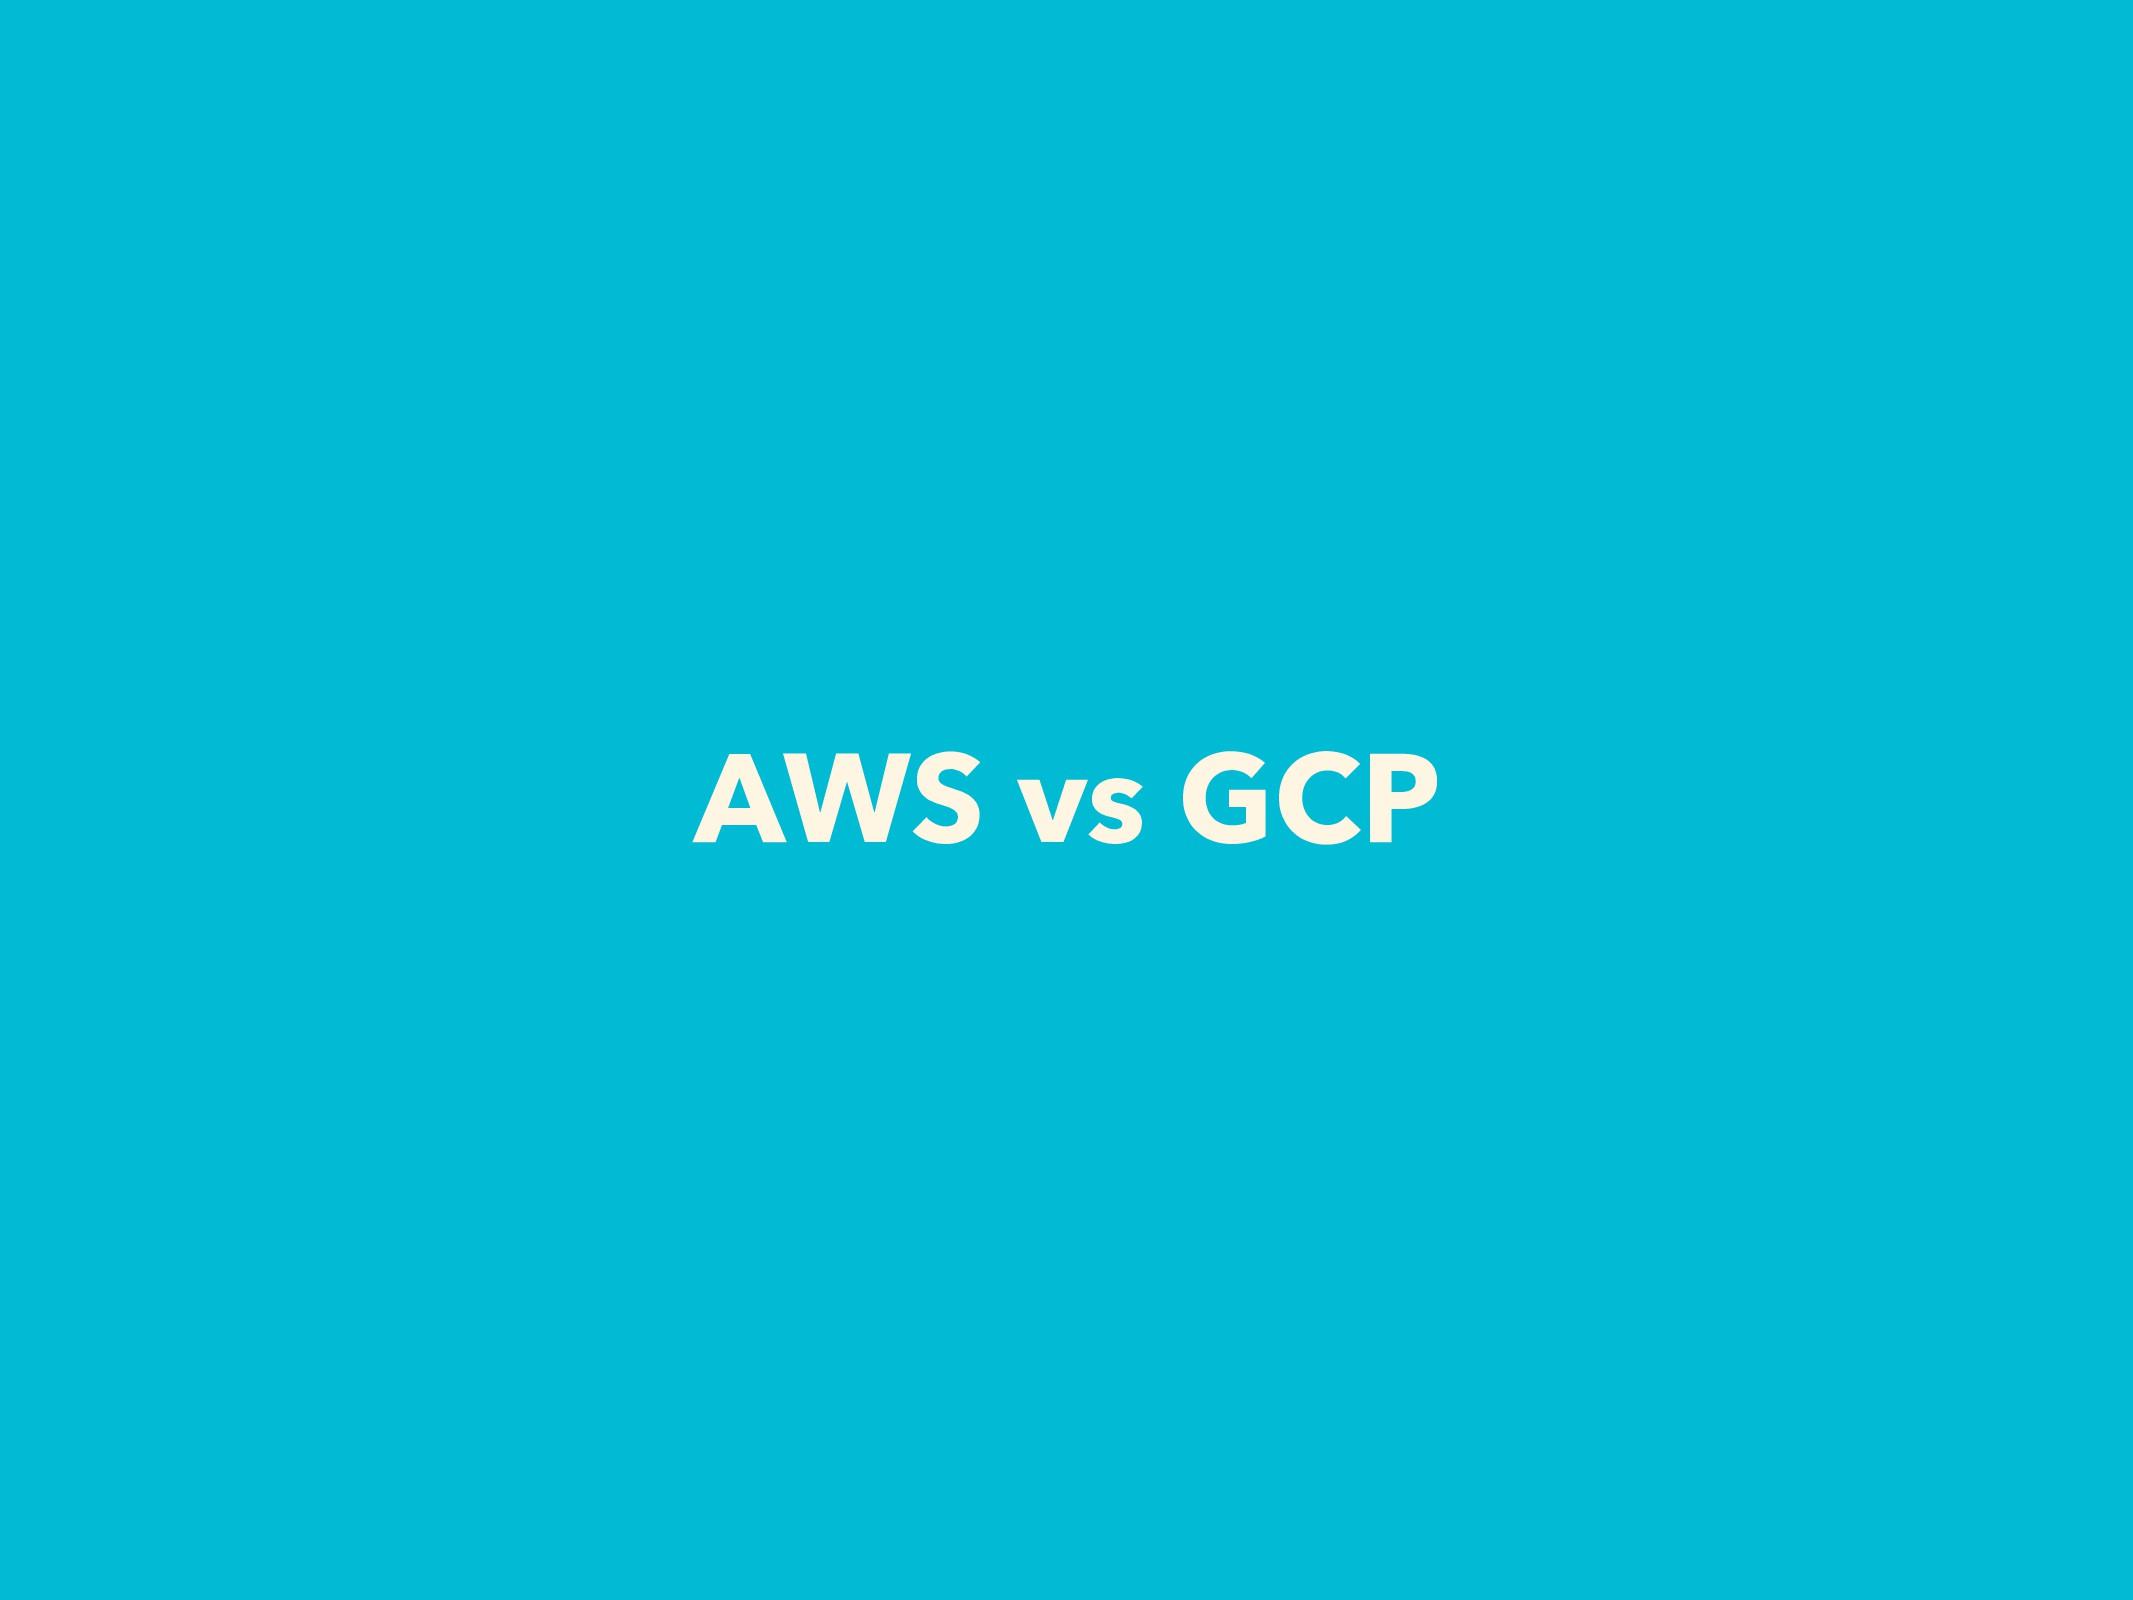 AWS vs GCP